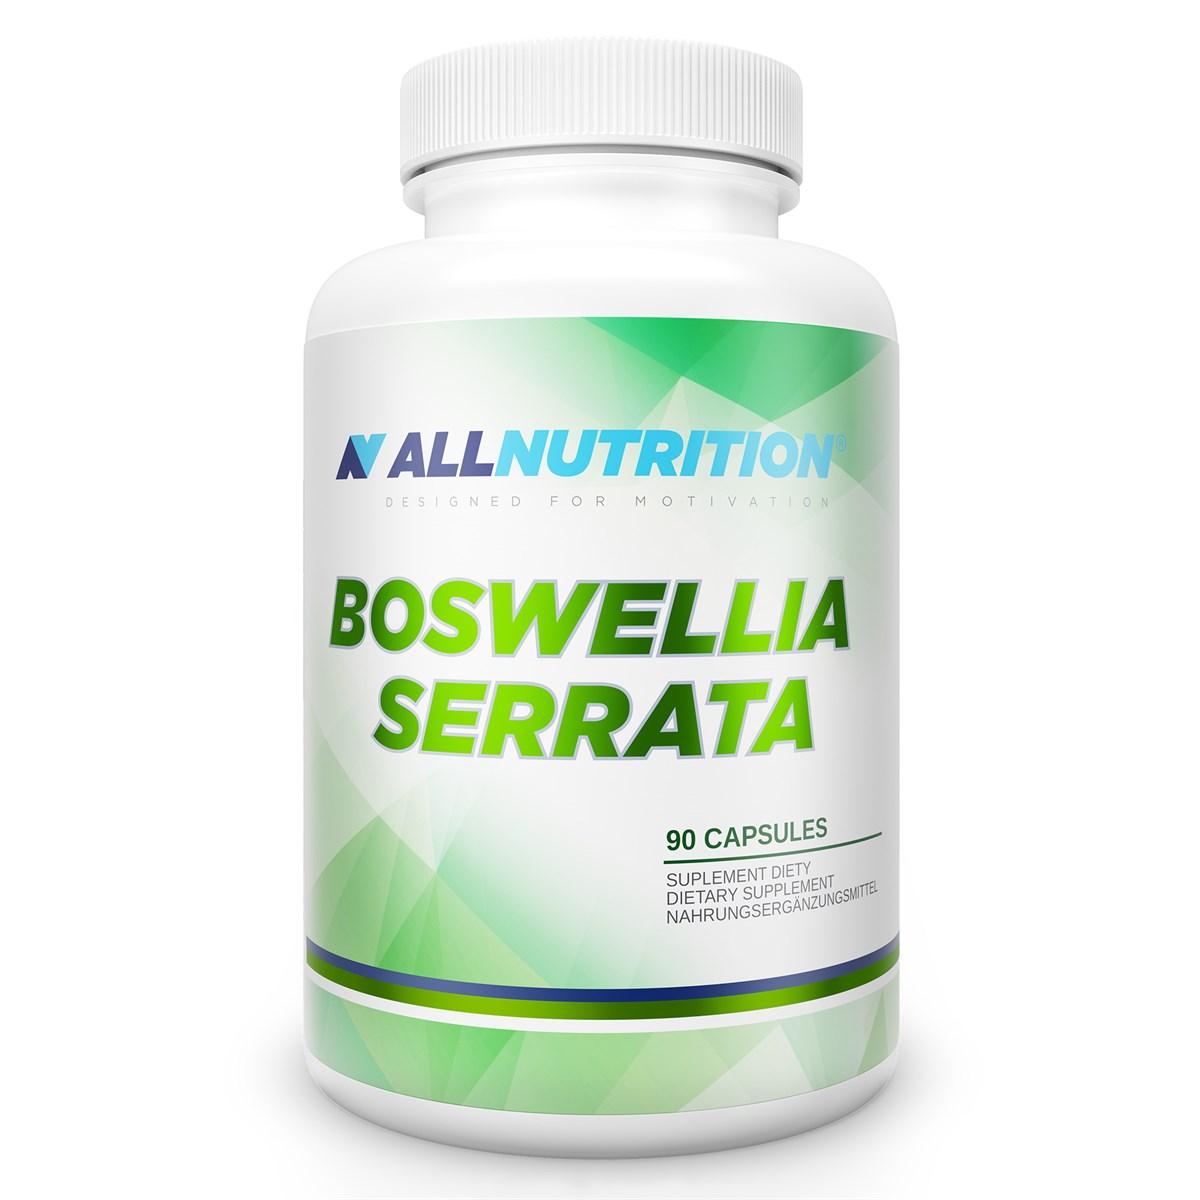 Allnutrition Boswellia Serrata